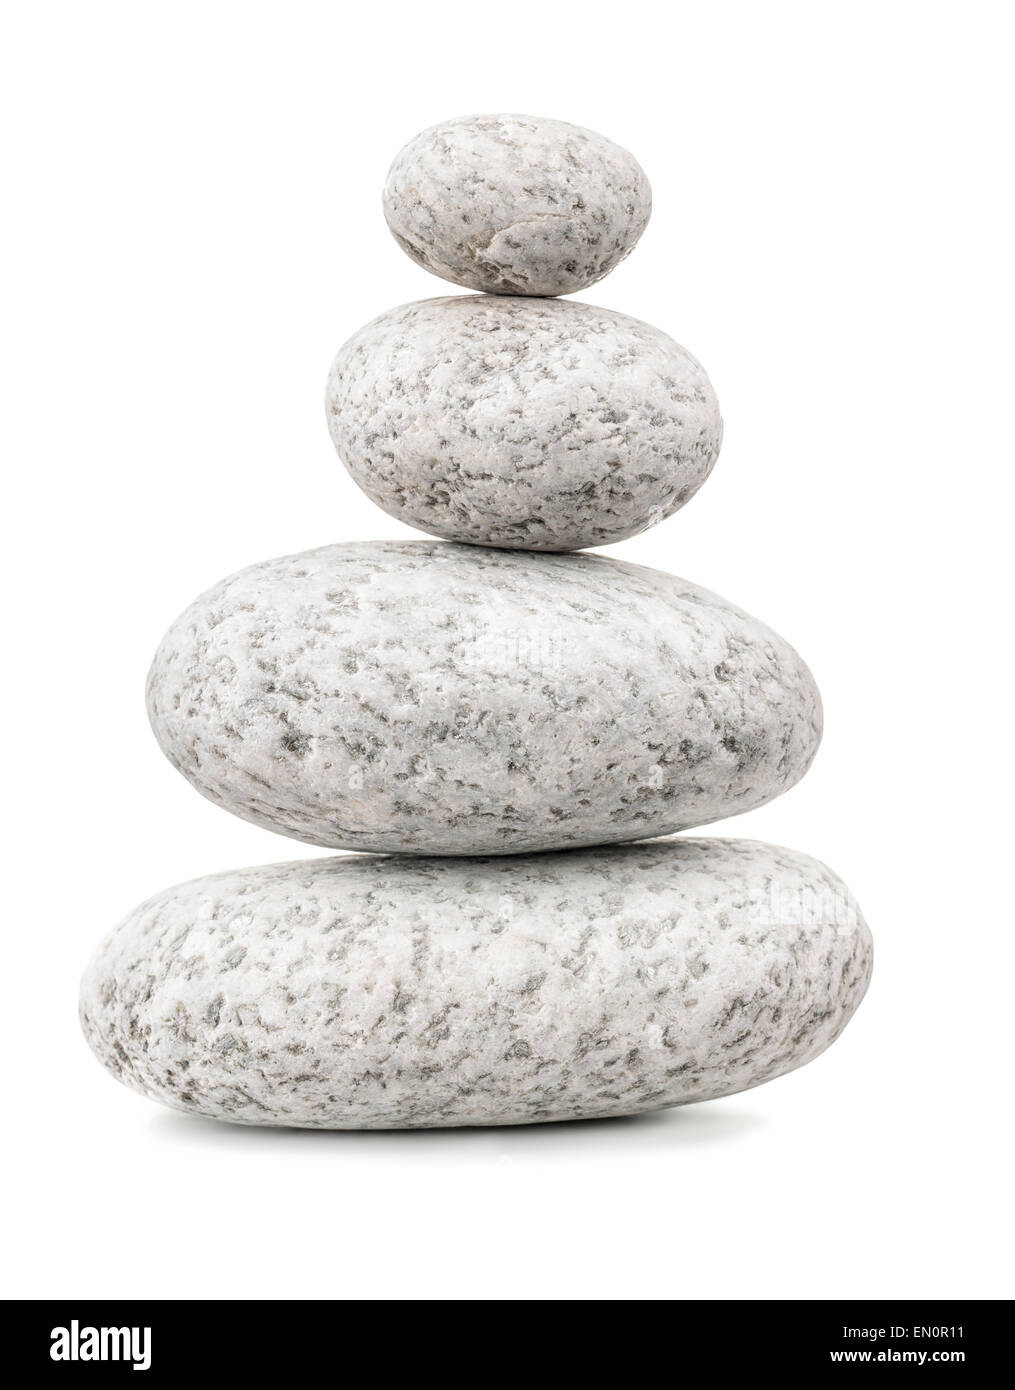 Ausgewogene Kieselsteine isoliert auf weiss Stockbild